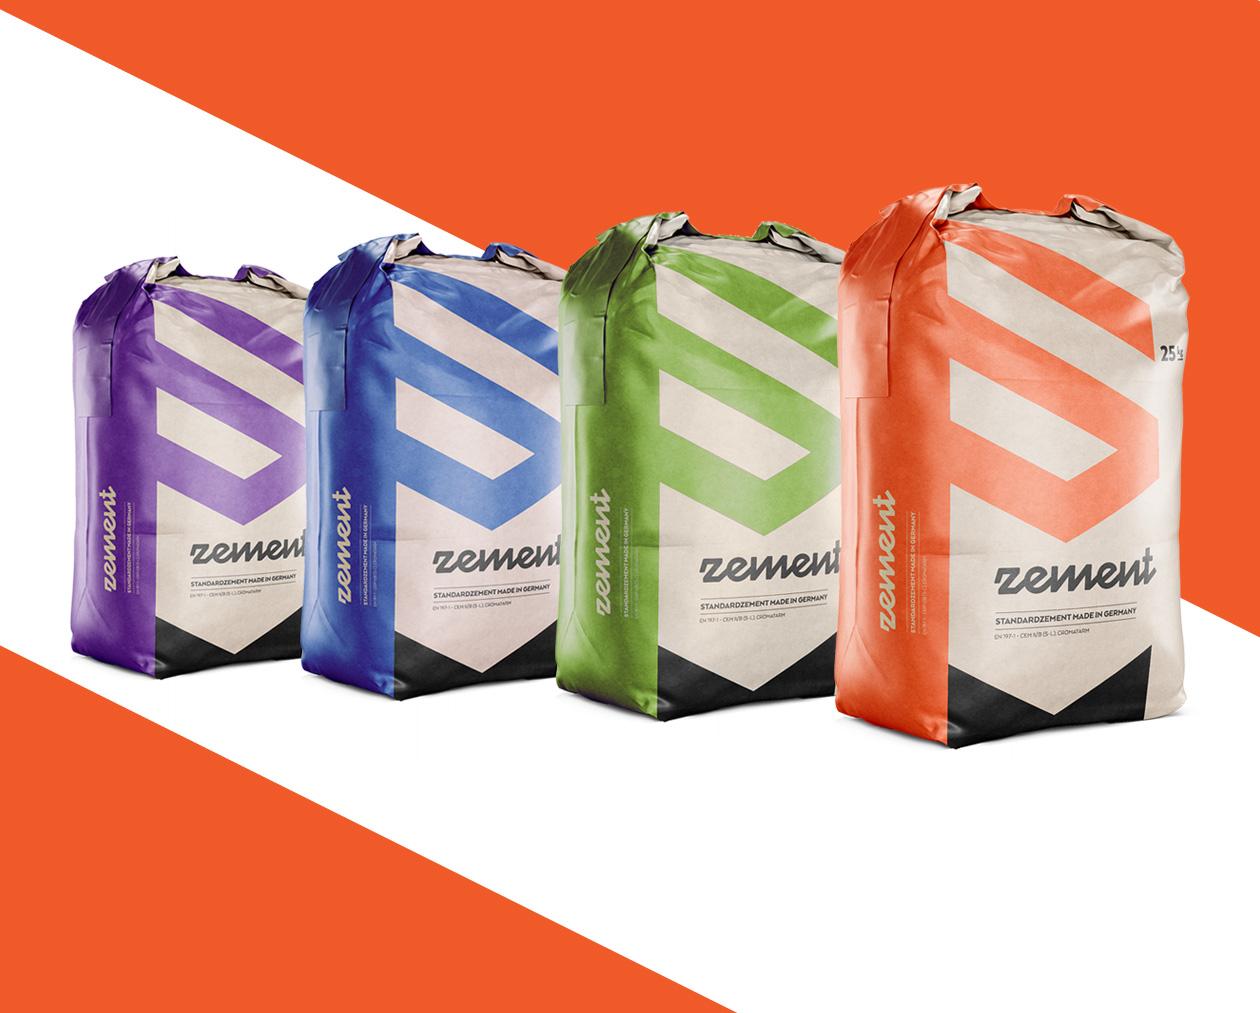 cement zement packaging 2